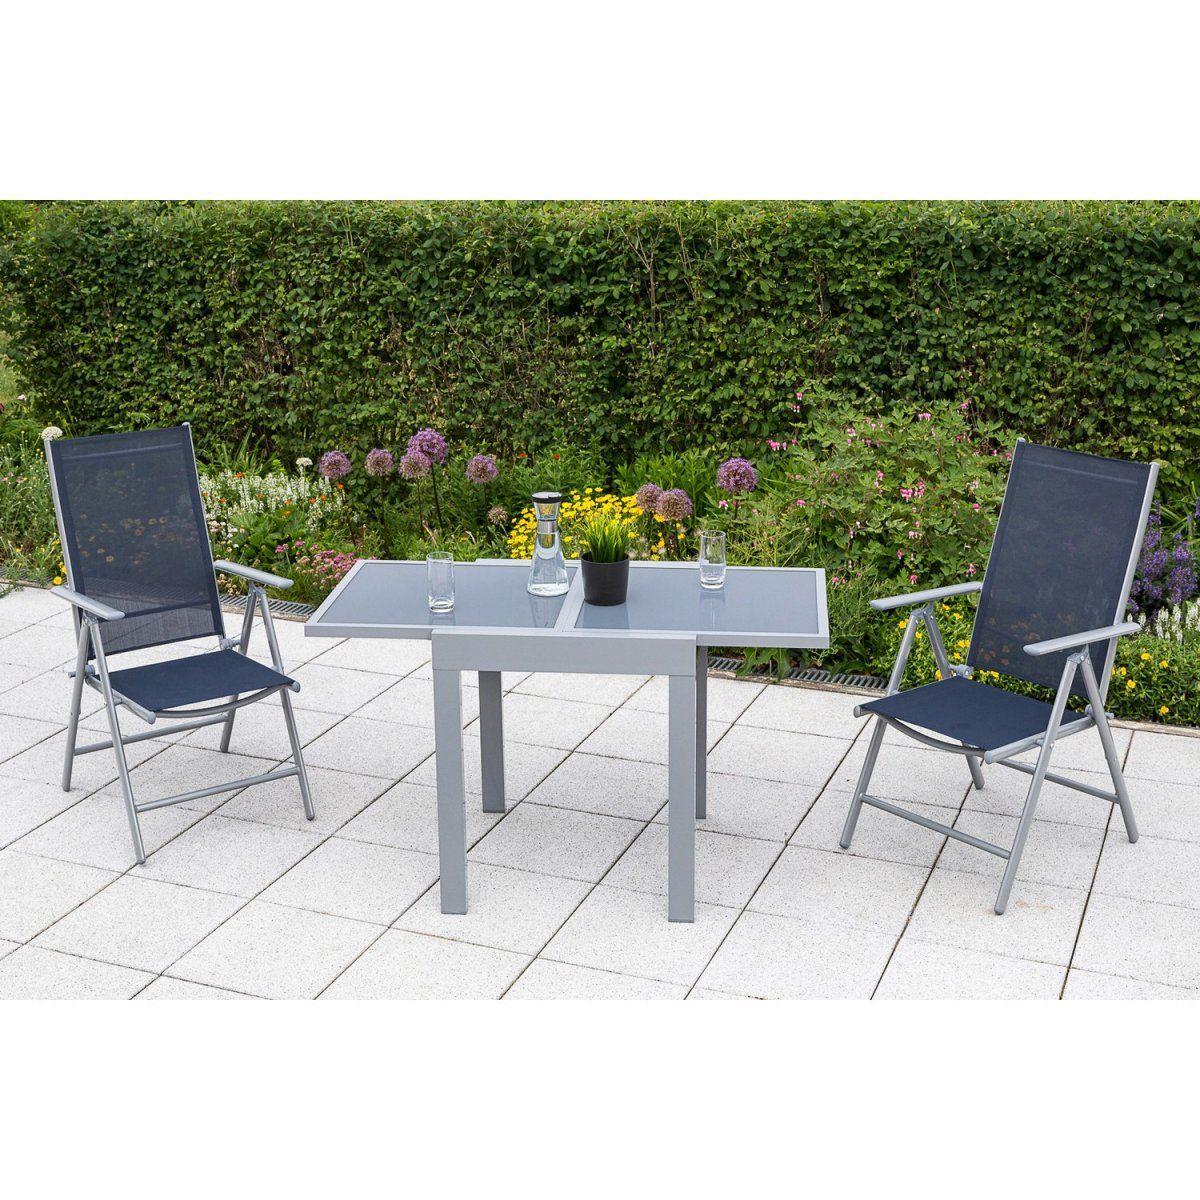 Gartenmöbel-Set Amalfi 3-tlg. Marineblau-Grau Jetzt bestellen unter ...